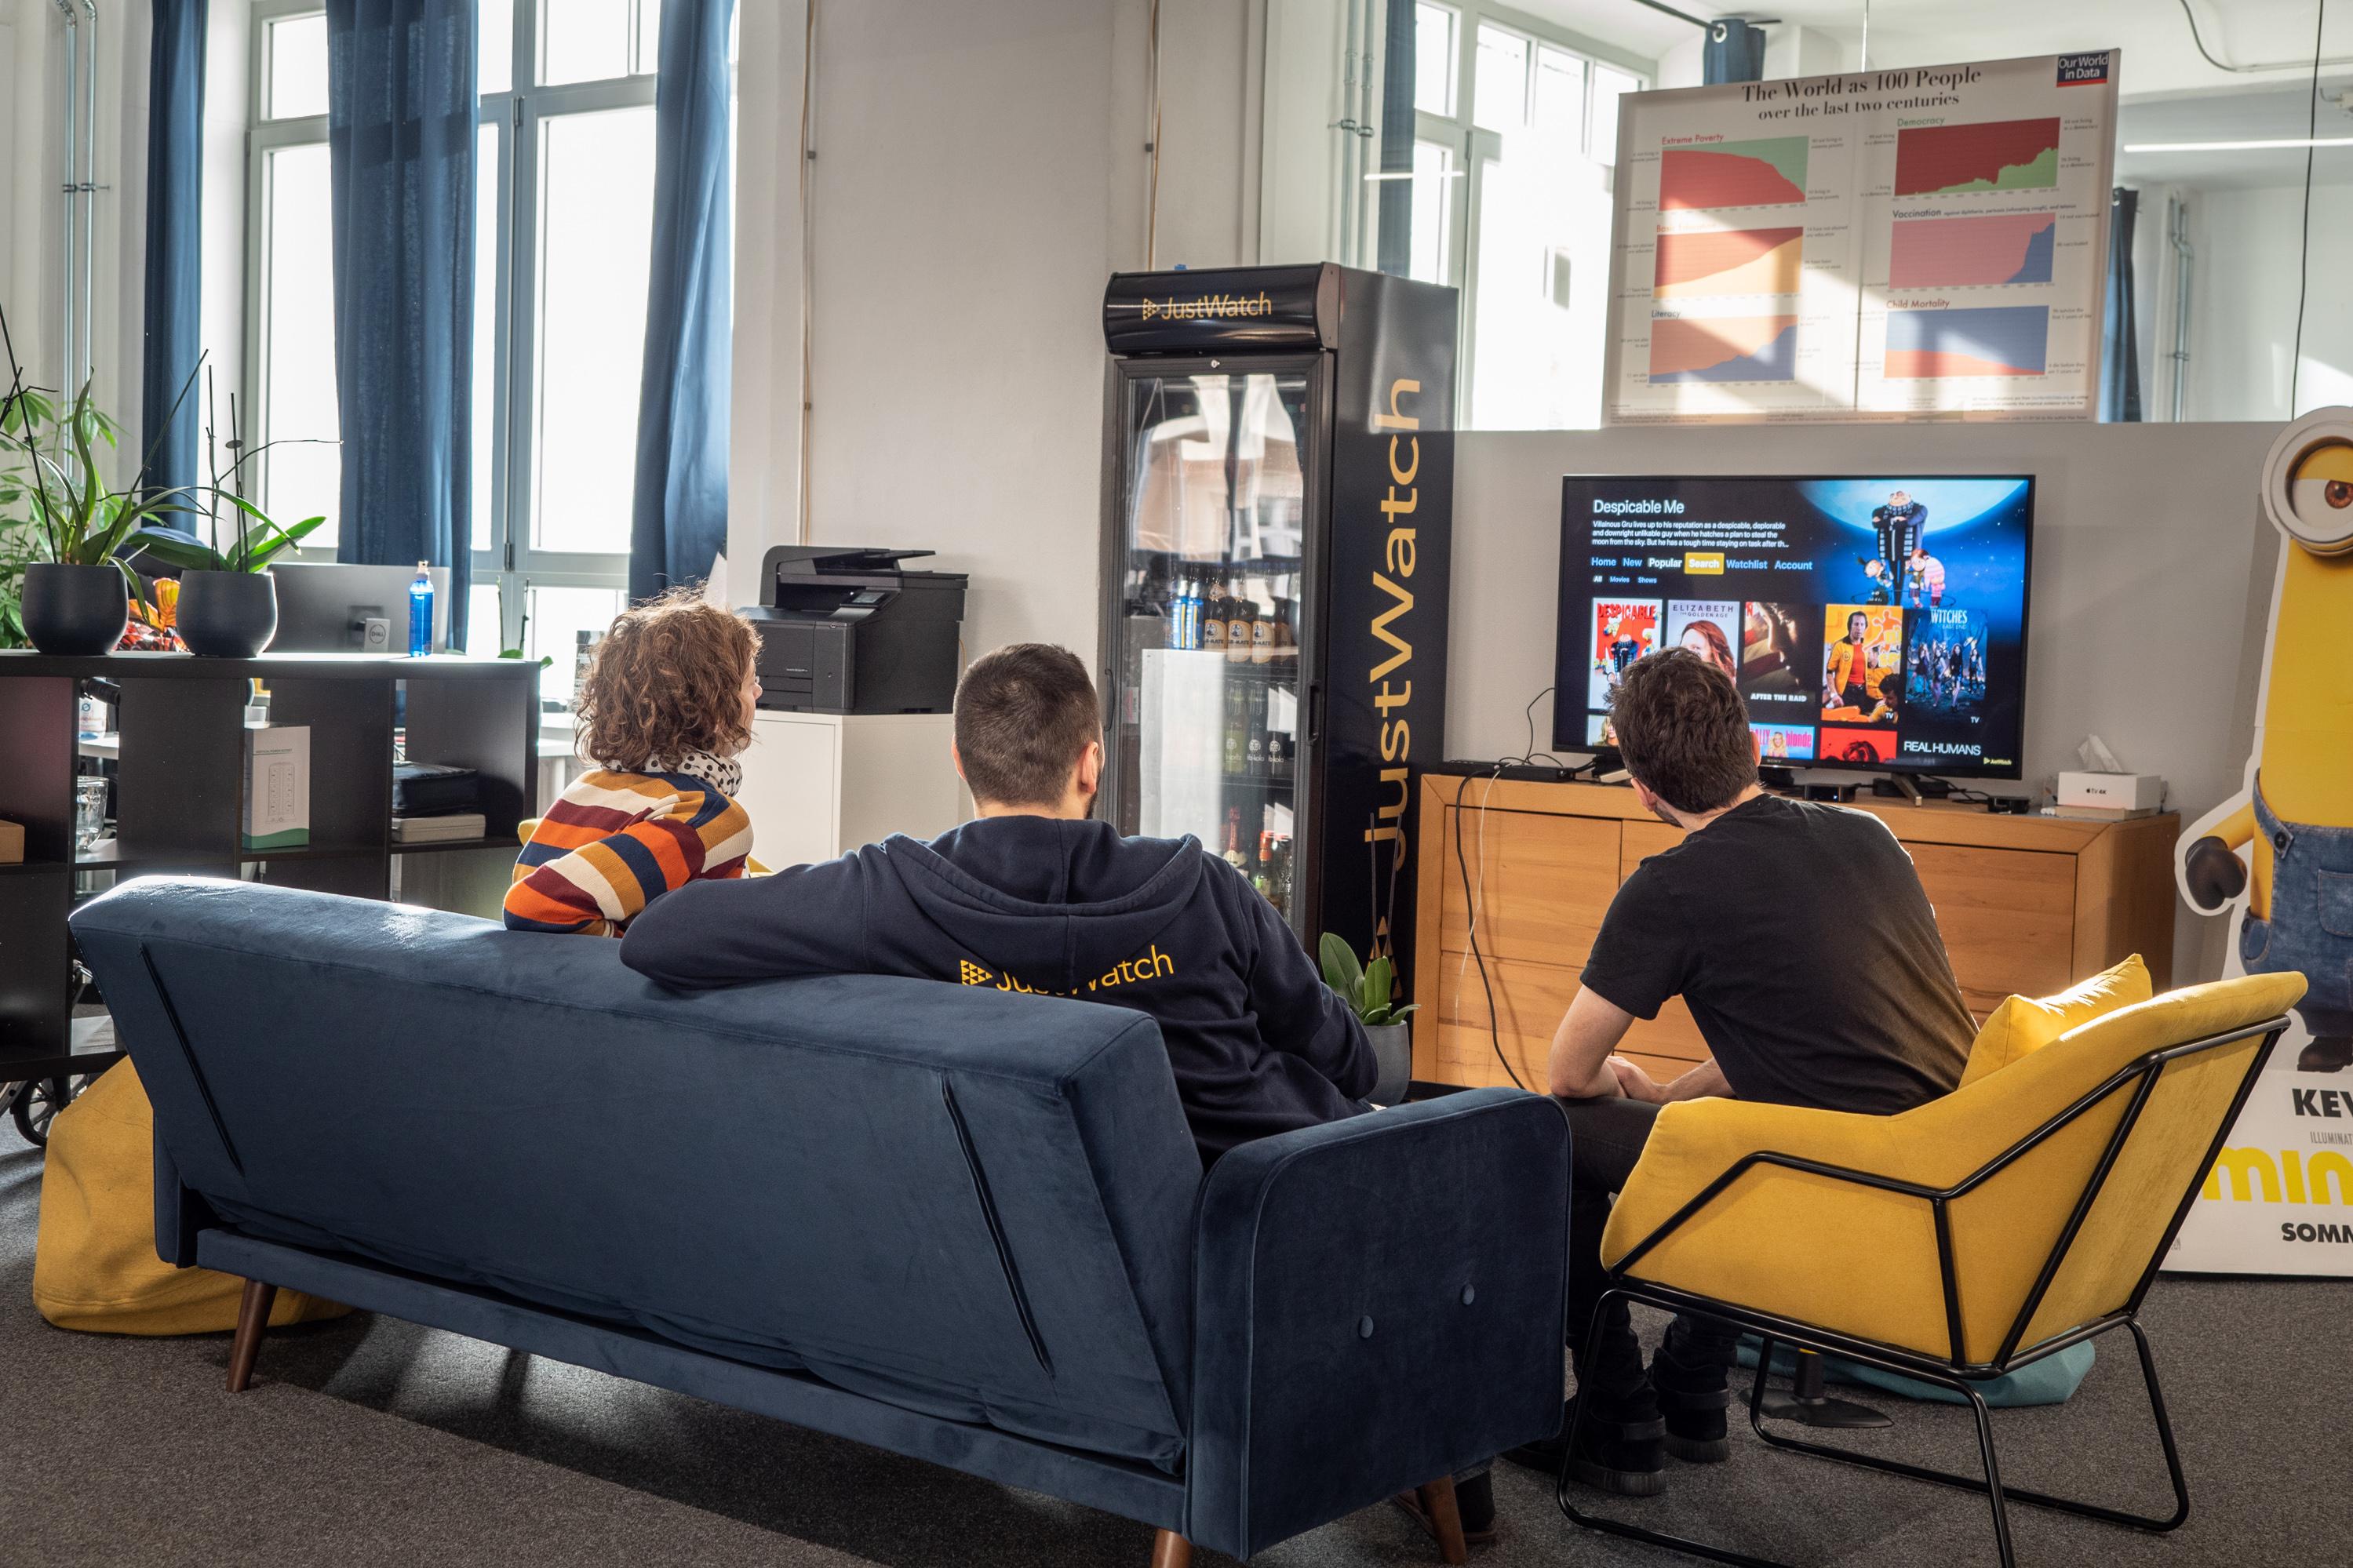 Besuch bei Justwatch: Größte Streaming-Suchmaschine ohne echte Konkurrenz -